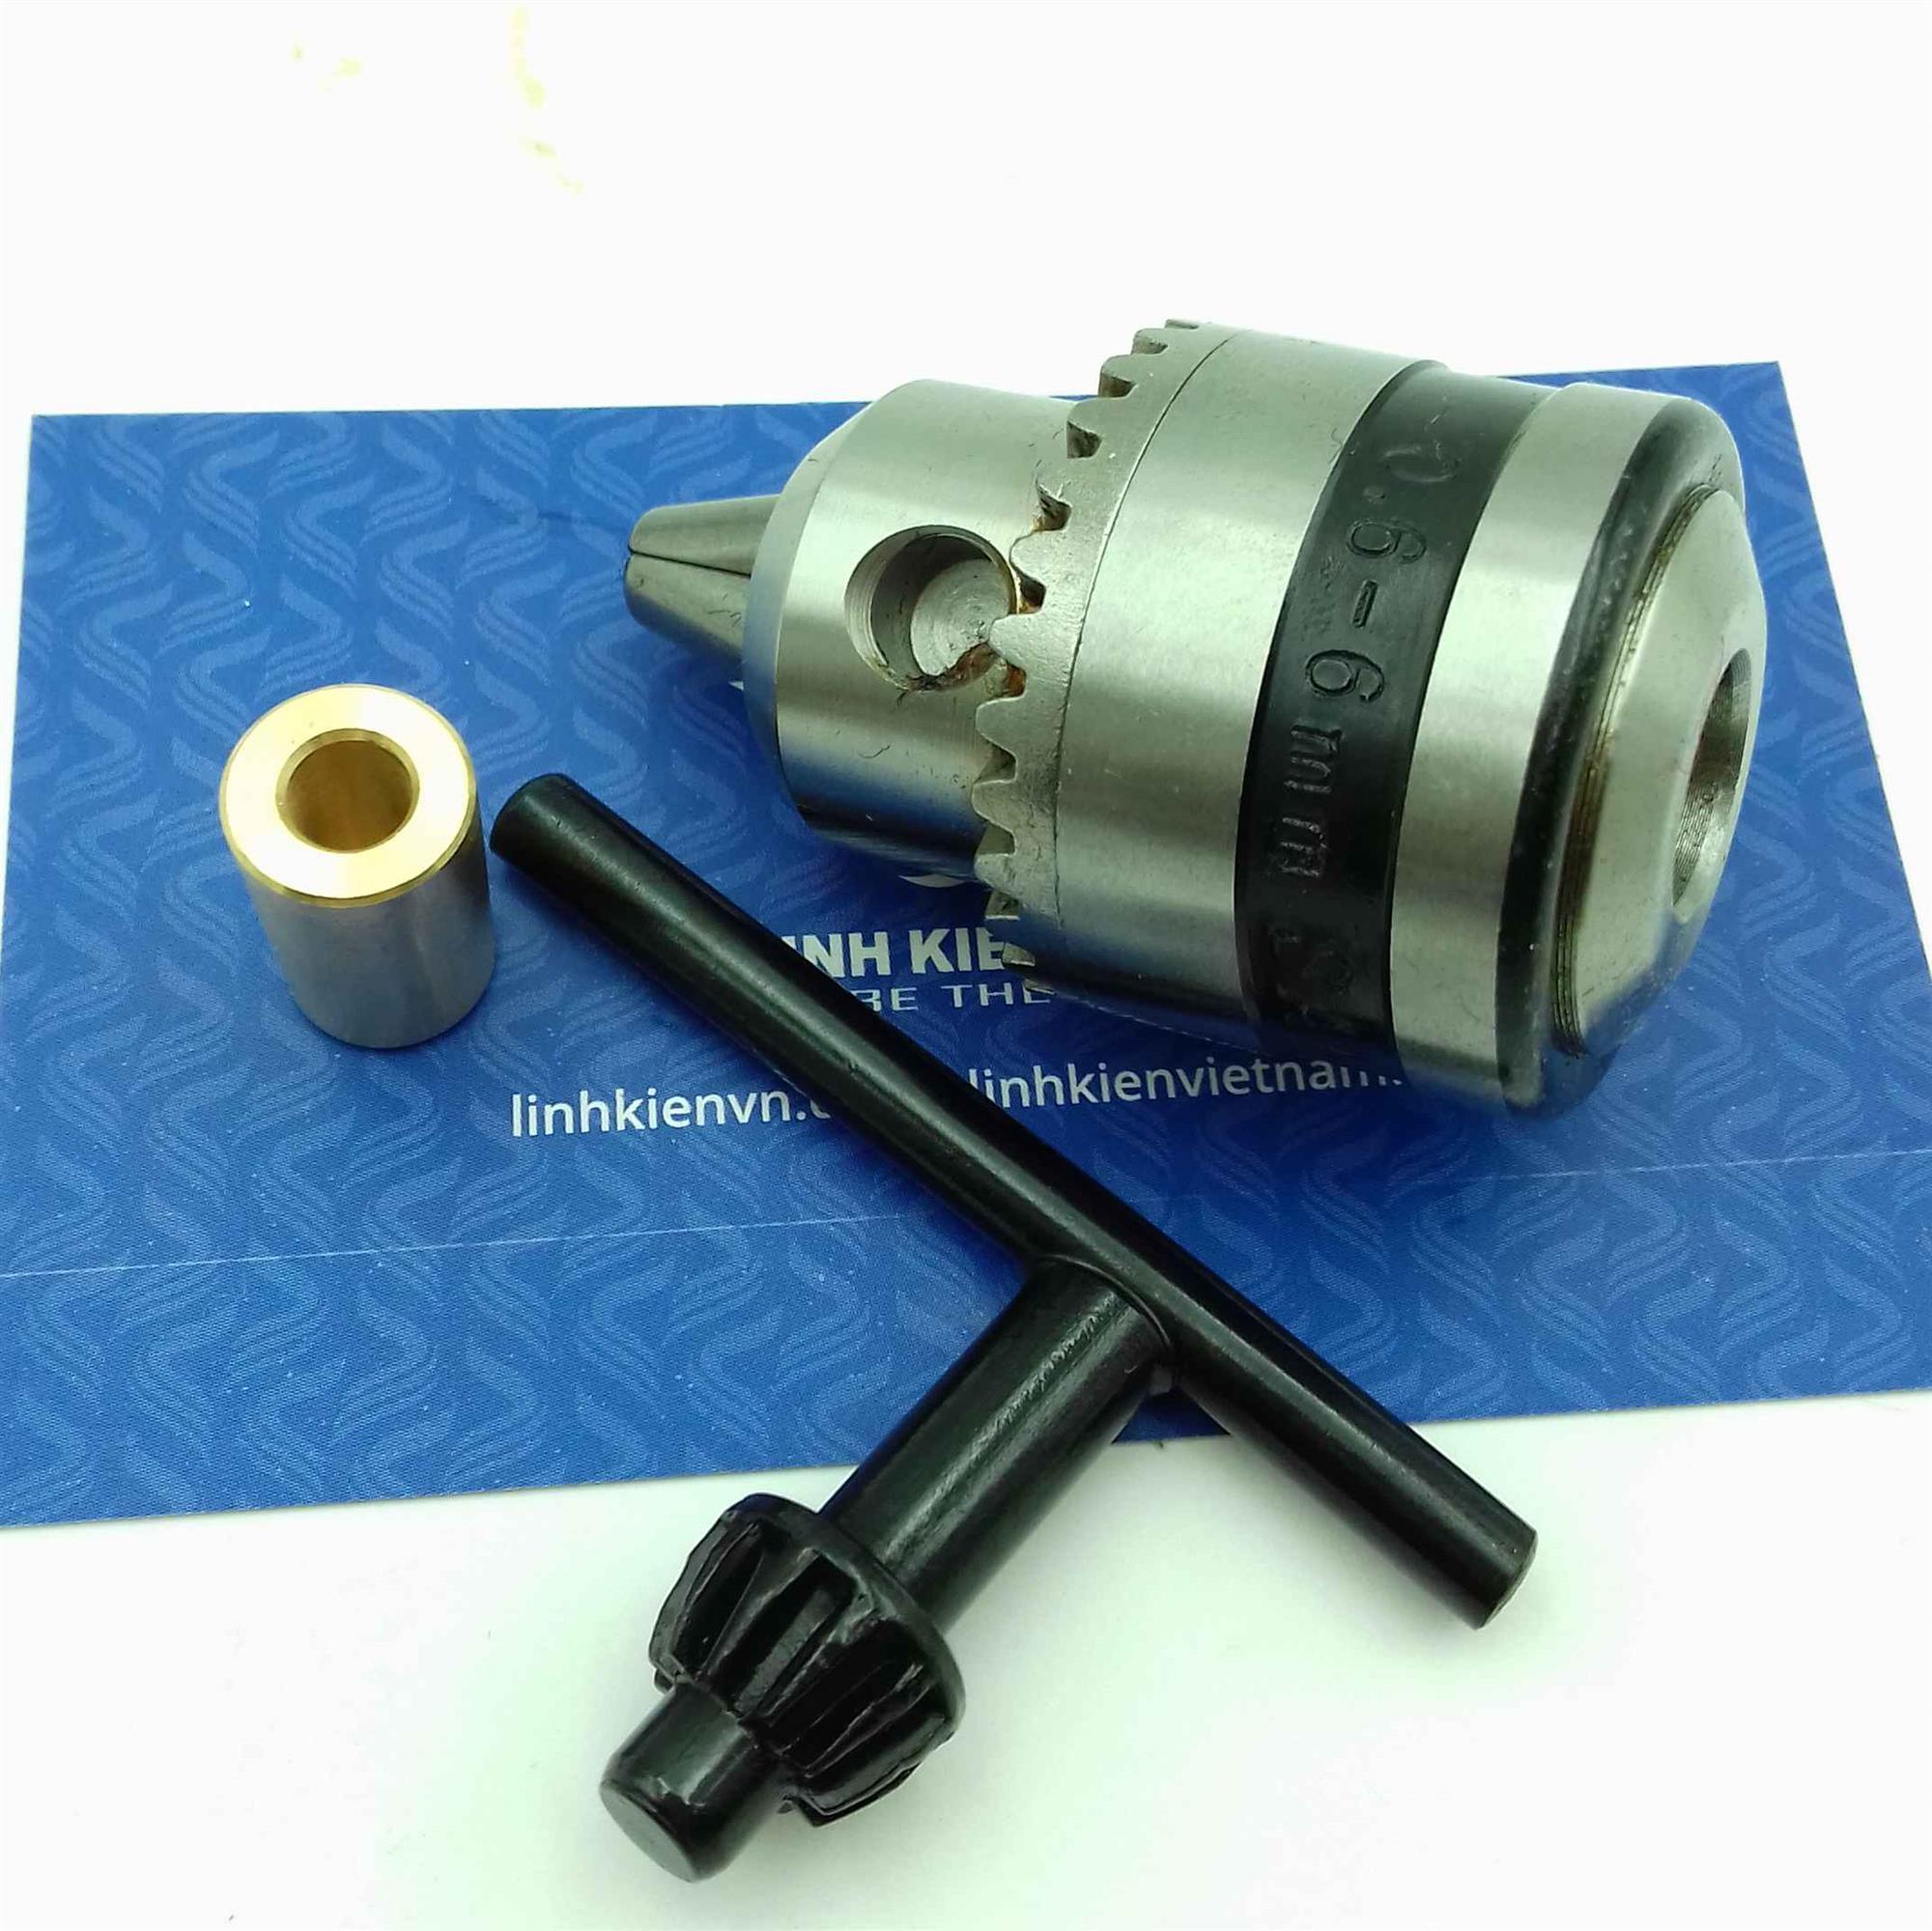 đầu kẹp mũi khoan 0.6-6mm full có đầu đồng cho động cơ 775 / trục giữ mũi khoan / Đầu khoan mạch 0.6-6mm - i5H13